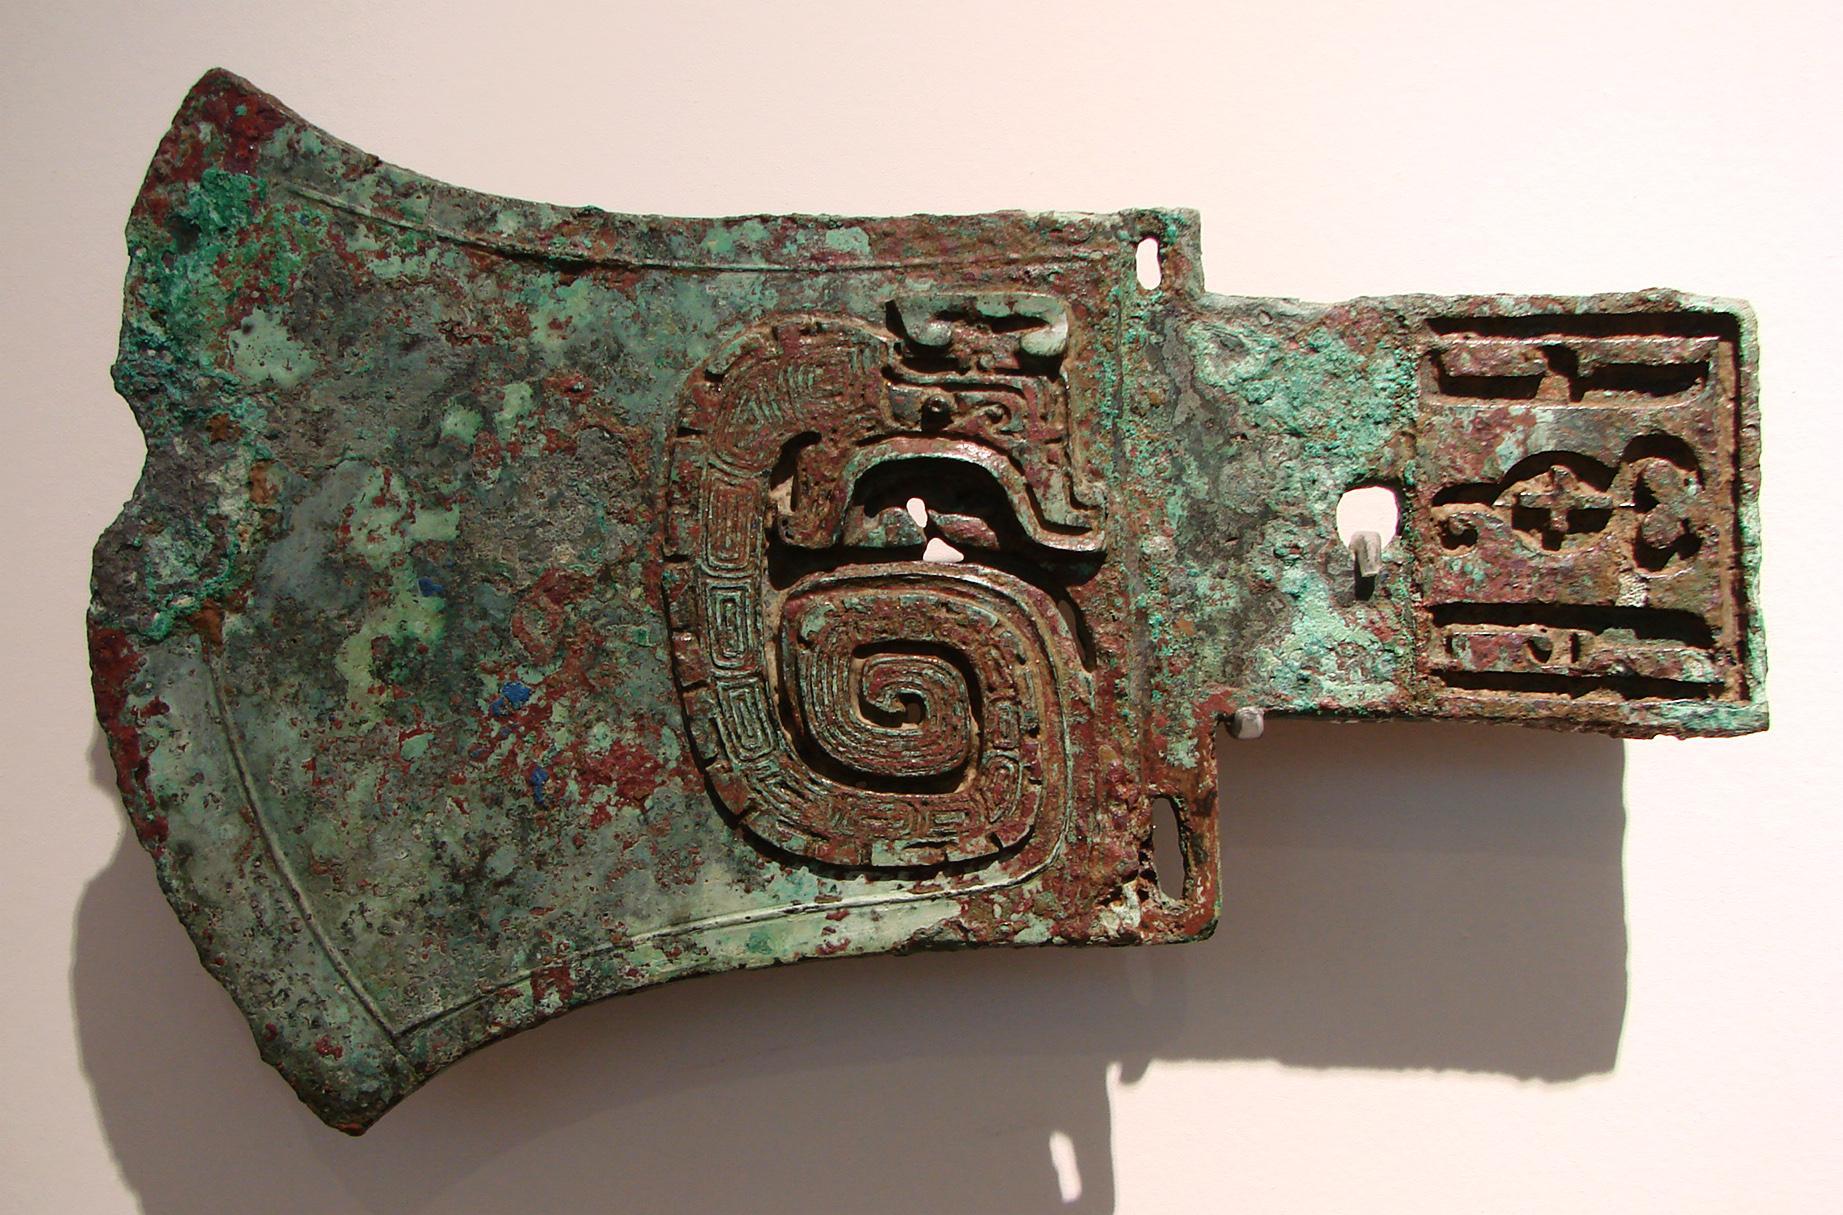 China, aunque generalmente se piense lo contrario, se desarrolló un poco después de estas otras cinco civilizaciones. Sin embargo, los arqueólogos e historiadores igual la consideran una cuna de la civilización, en tanto la china también se desarrolló de una forma prácticamente independiente, siendo una de las más singulares y vibrantes que jamás hayan surgido en el mundo. La dinastía Xia (circa 2100-1600 AC) es la primera de las dinastías chinas de las que se tiene registro, aunque podría no existido nunca realmente. La evidencia arqueológica de la dinastía Shang (1600-1046 AC) es mucho más clara. China desarrolló su propio sistema de escritura, aunque los académicos discuten si había alguna influencia externa en ese desarrollo.